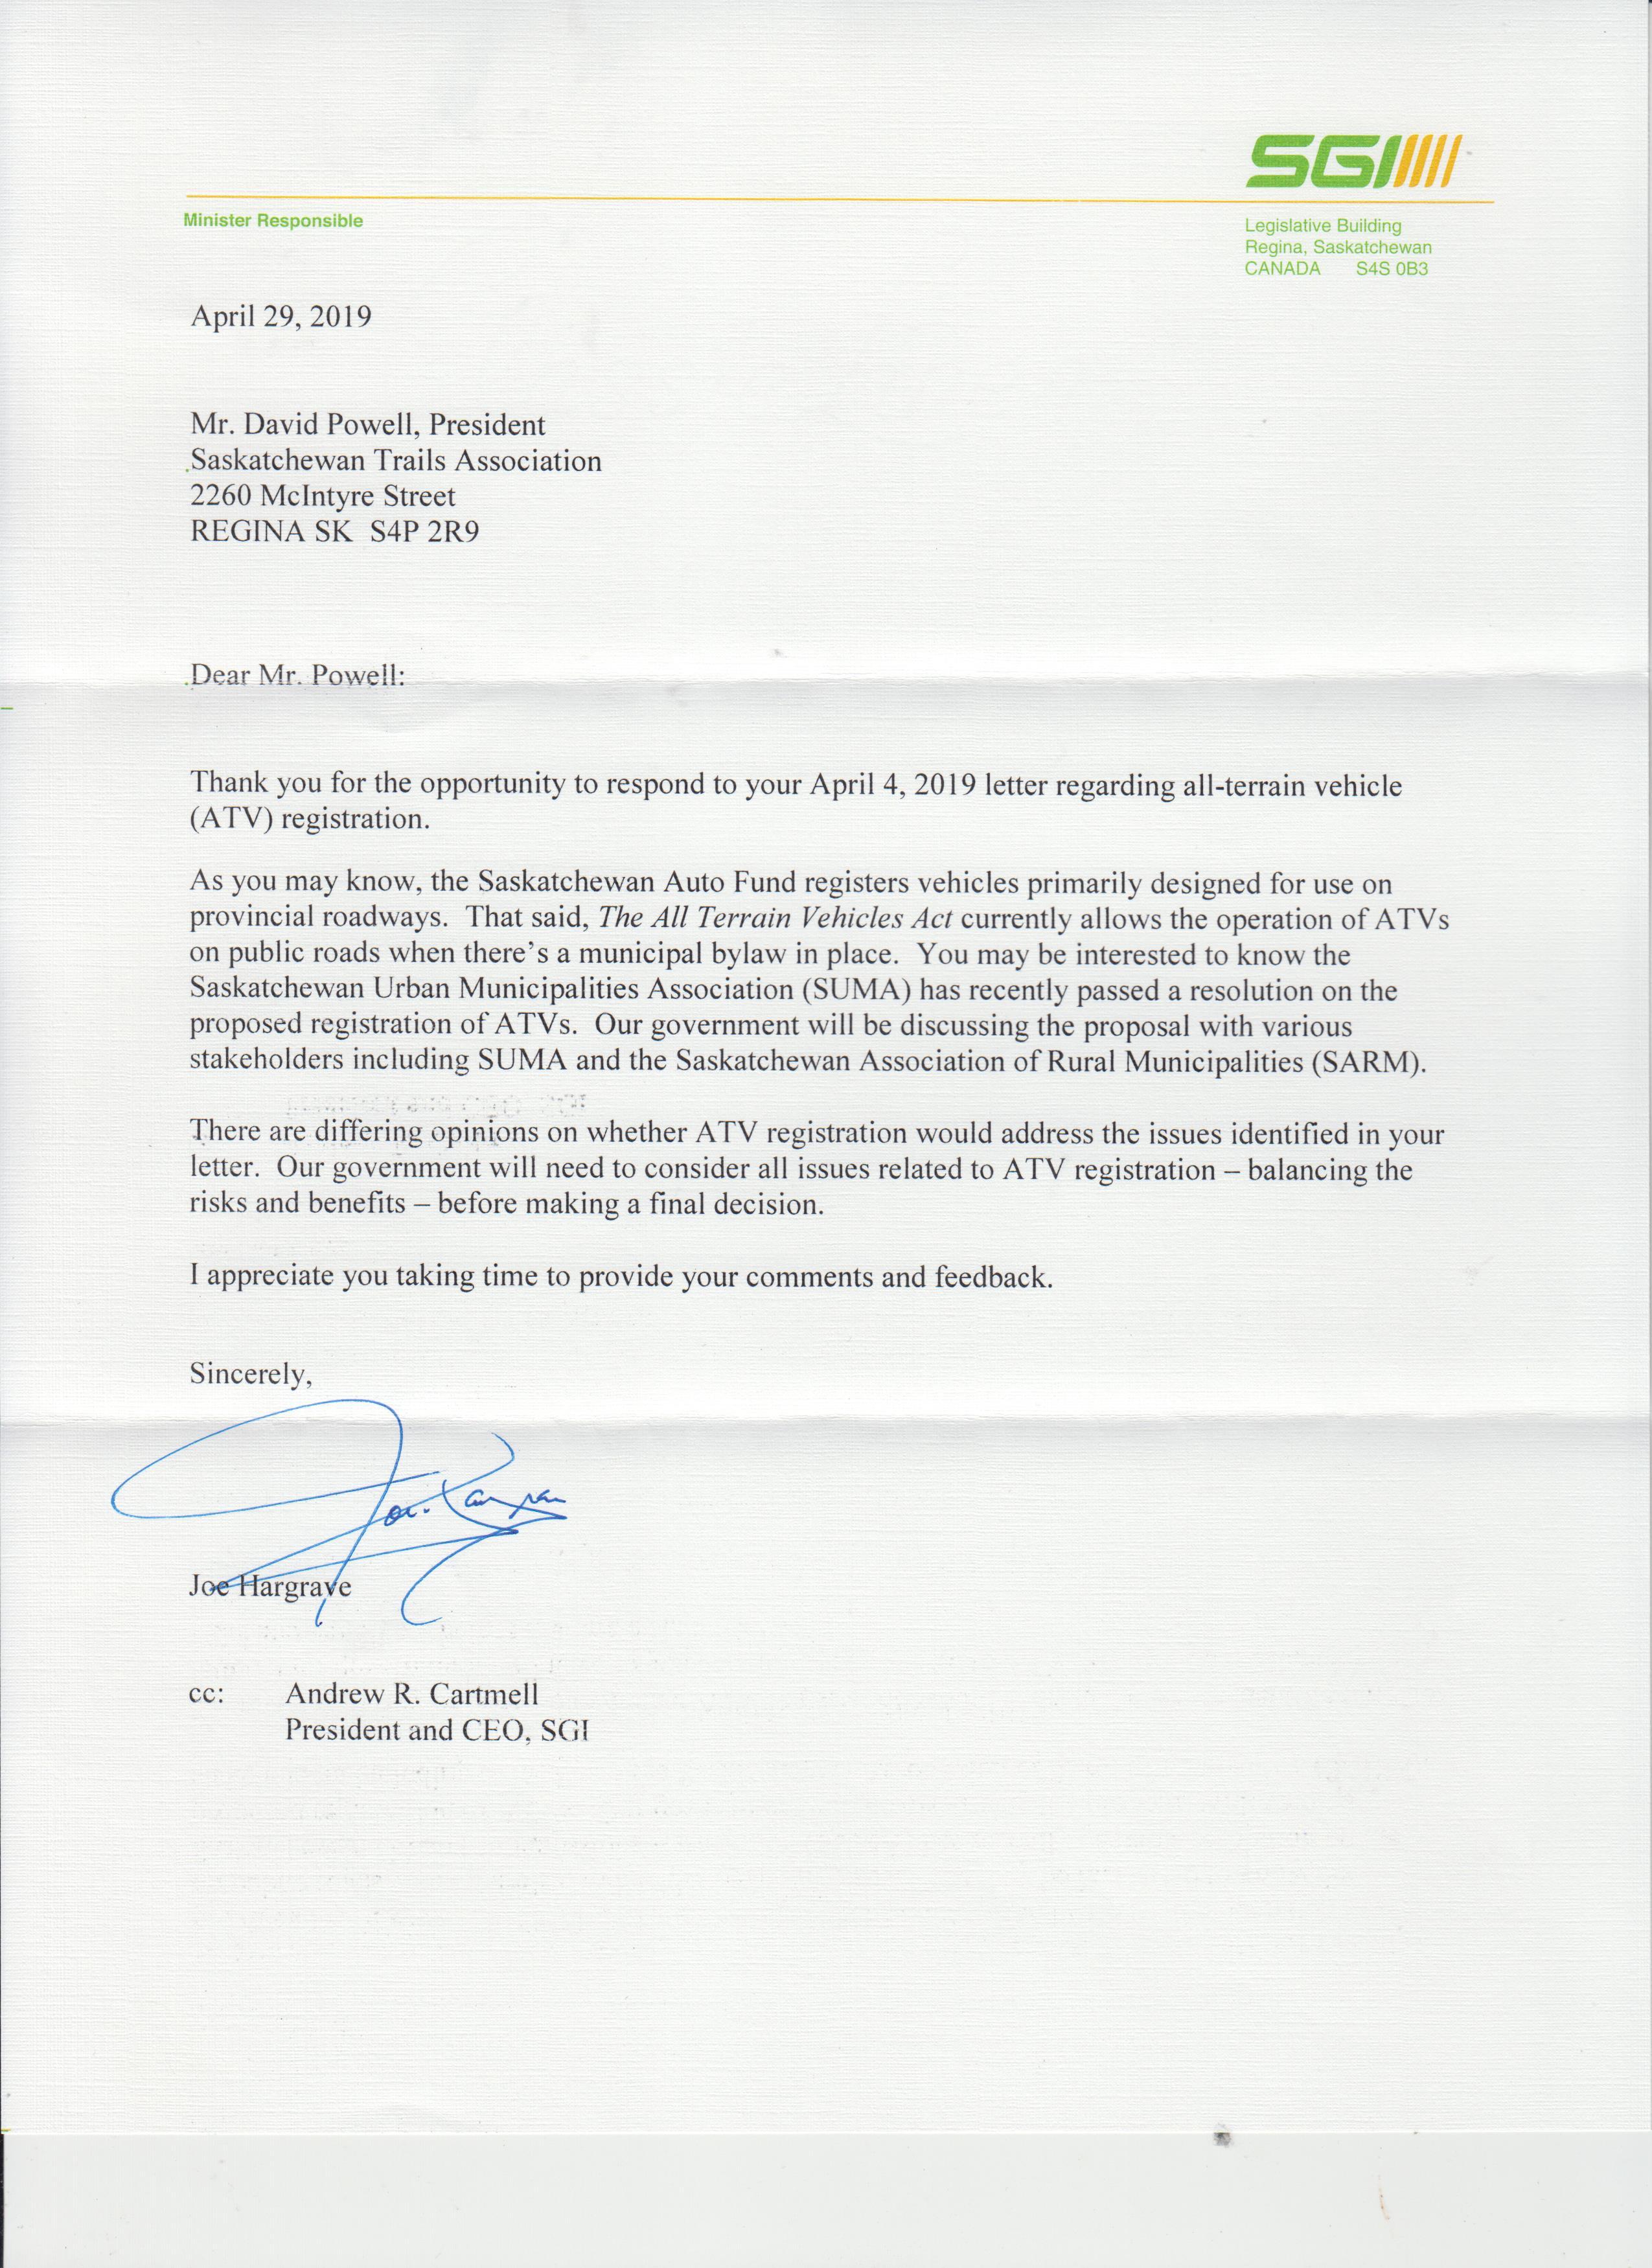 SGI Response